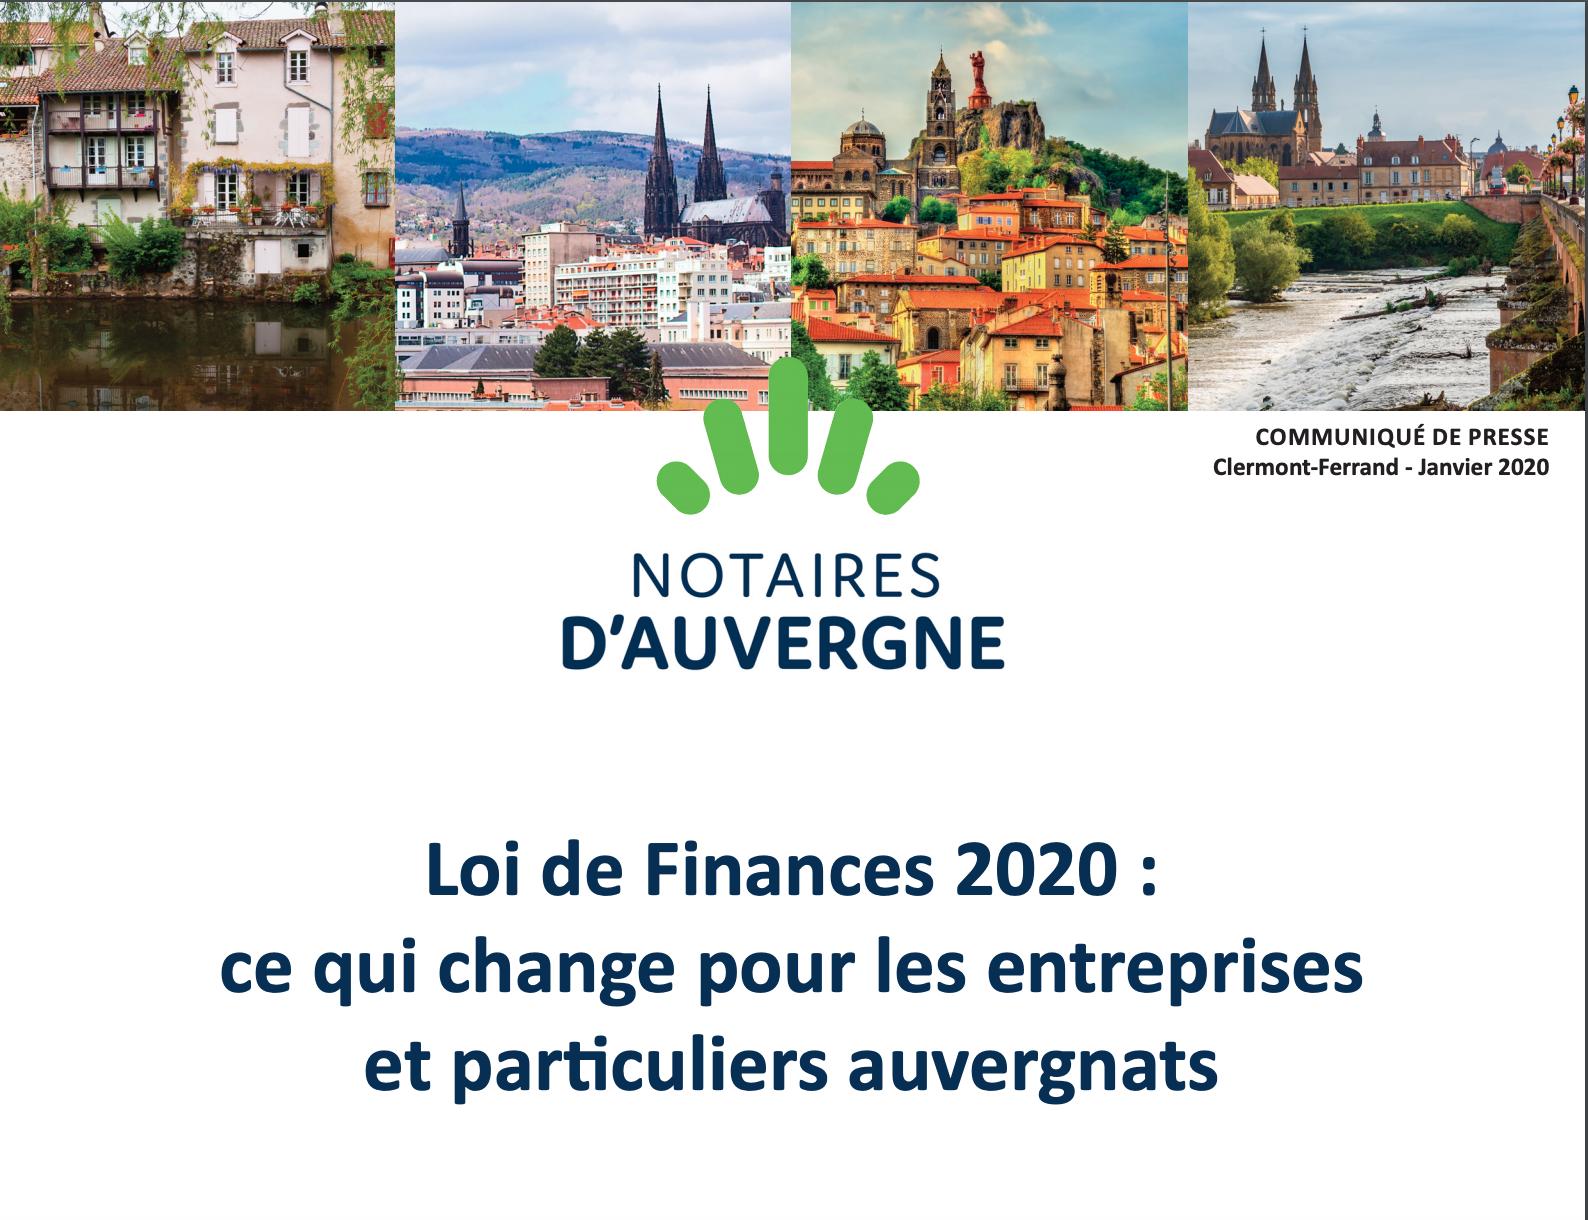 Communiqué PLF 2020 Notaires d'Auvergne